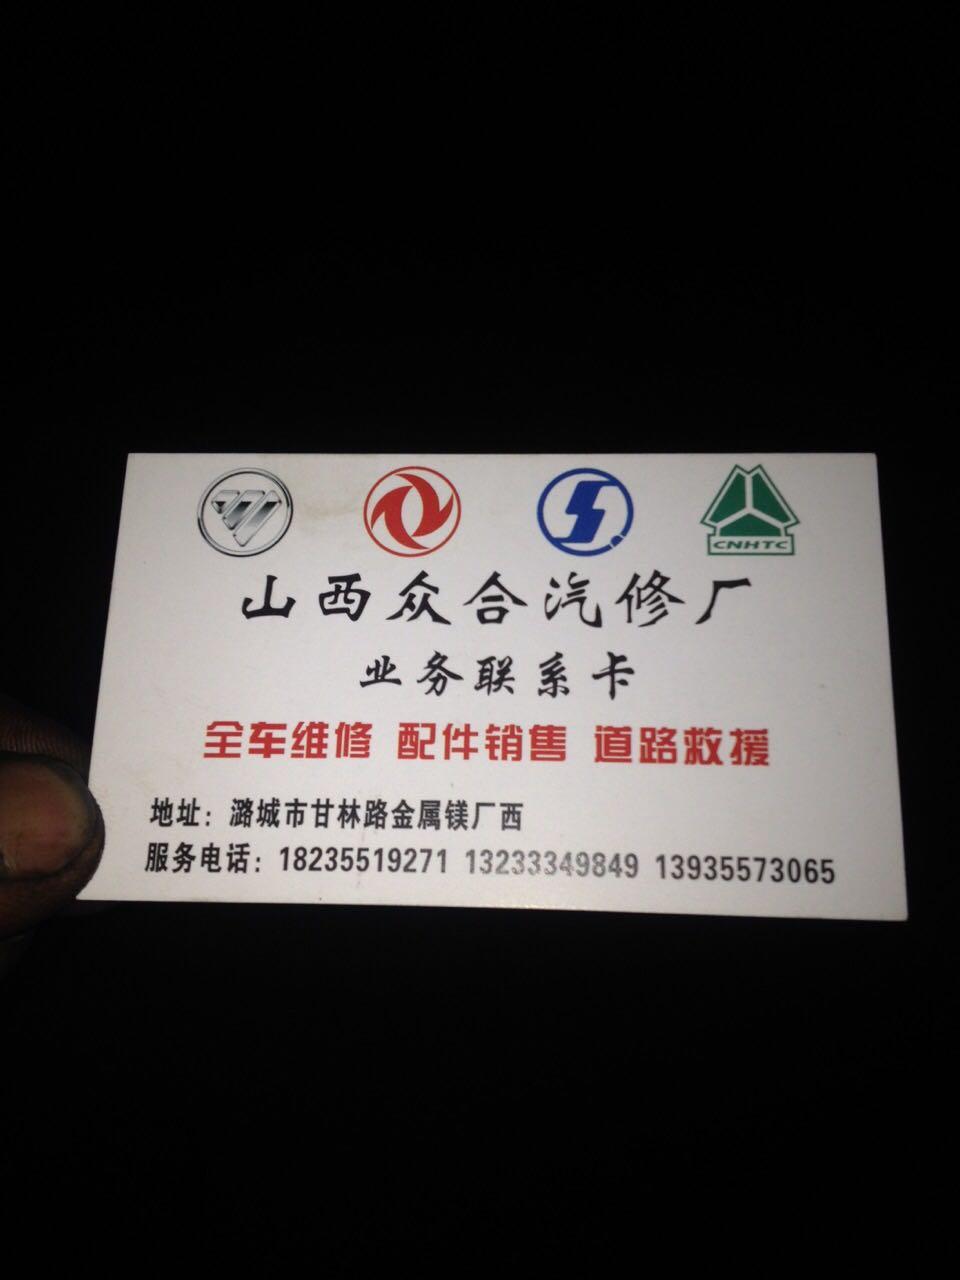 来自魏飞龙发布的招聘信息:本店因业务发展和扩大,现急聘学徒工2名机... - 潞城市众合汽车维修服务有限公司